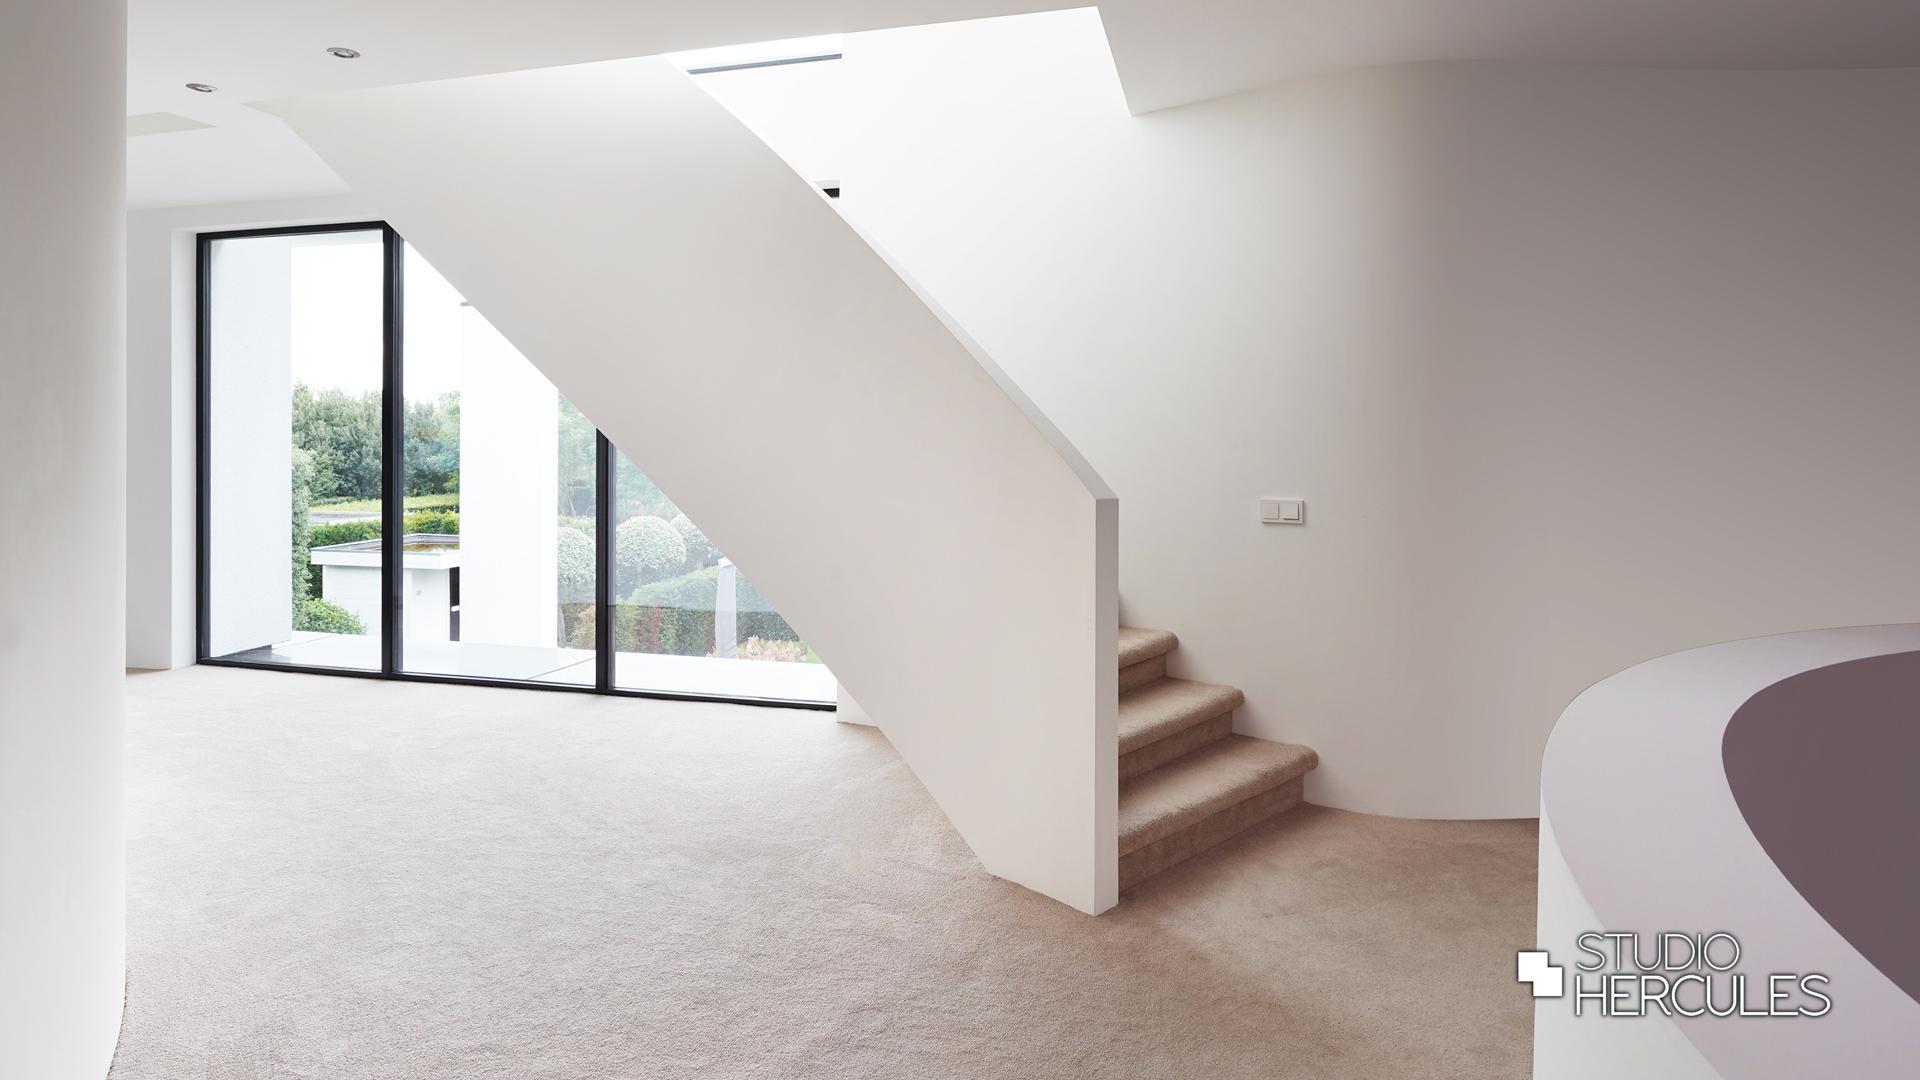 Licht trappenhuis in moderne hal